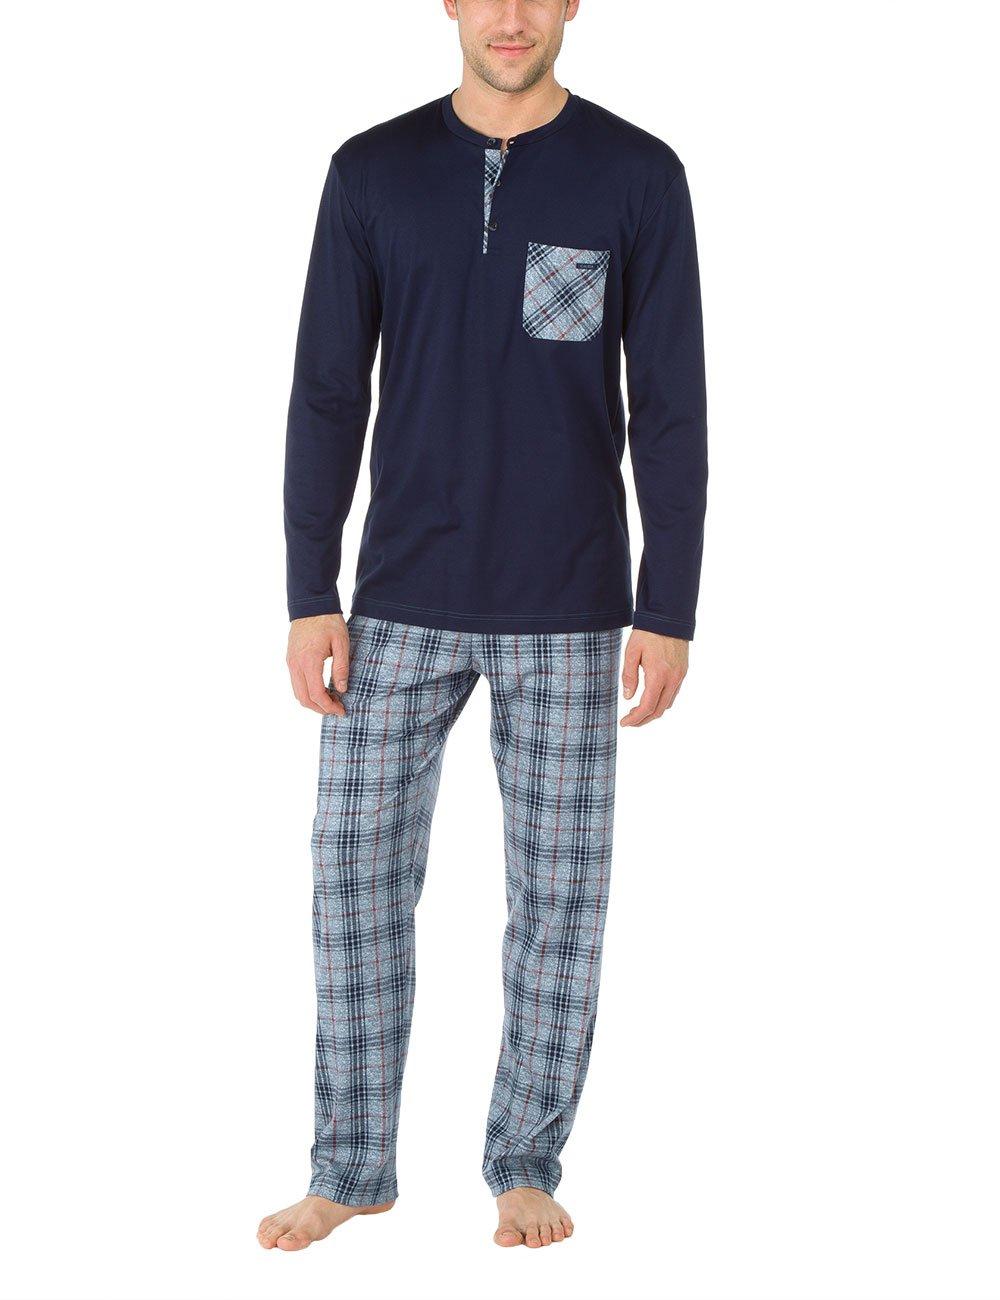 CALIDA mens 100% cotton knit pajamas set notting hill 46466/376 (medium) by Calida (Image #1)